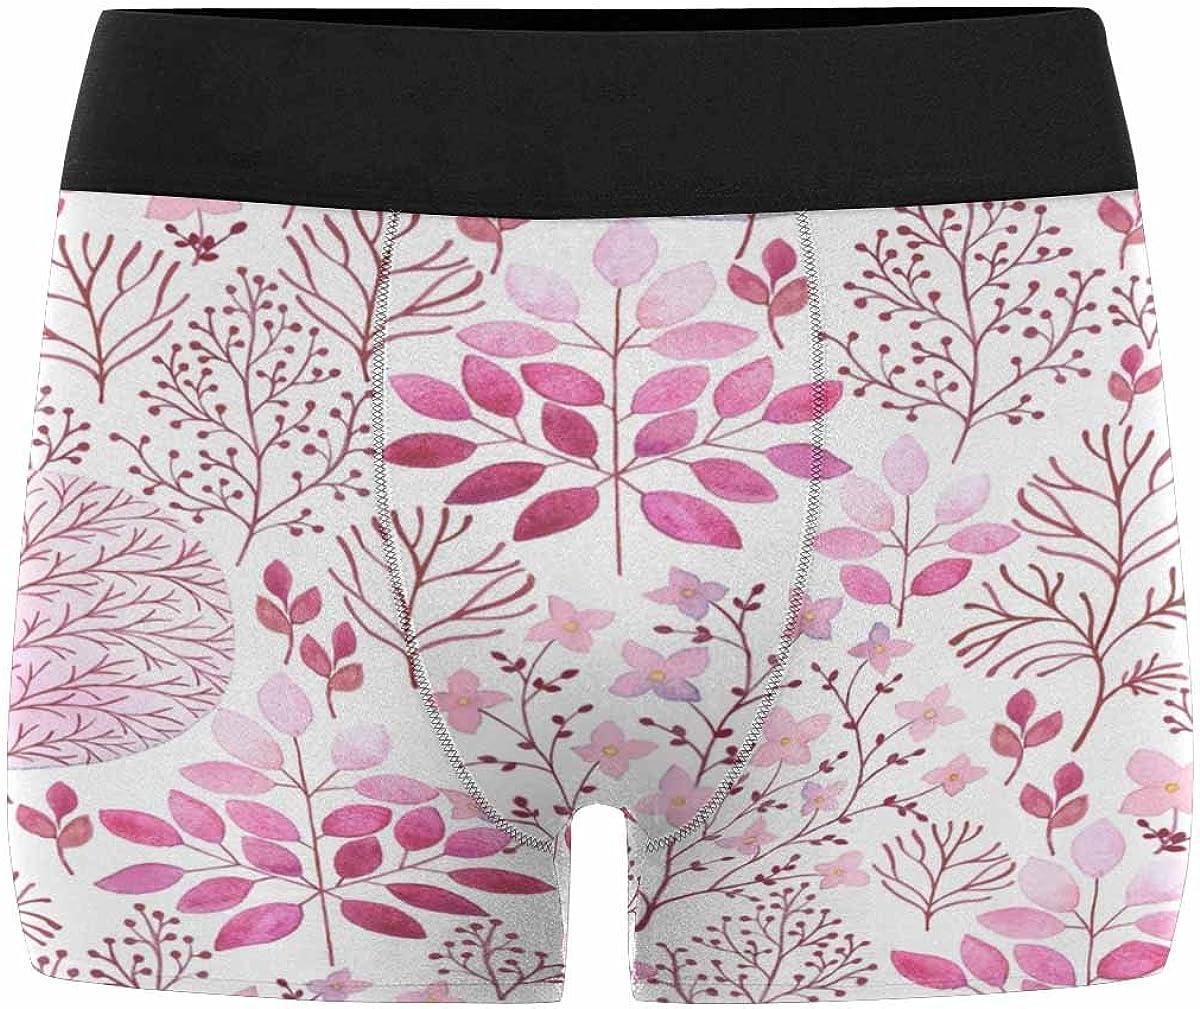 XS-3XL INTERESTPRINT Mens Boxer Briefs Underwear Abstraction Floral in Vintage